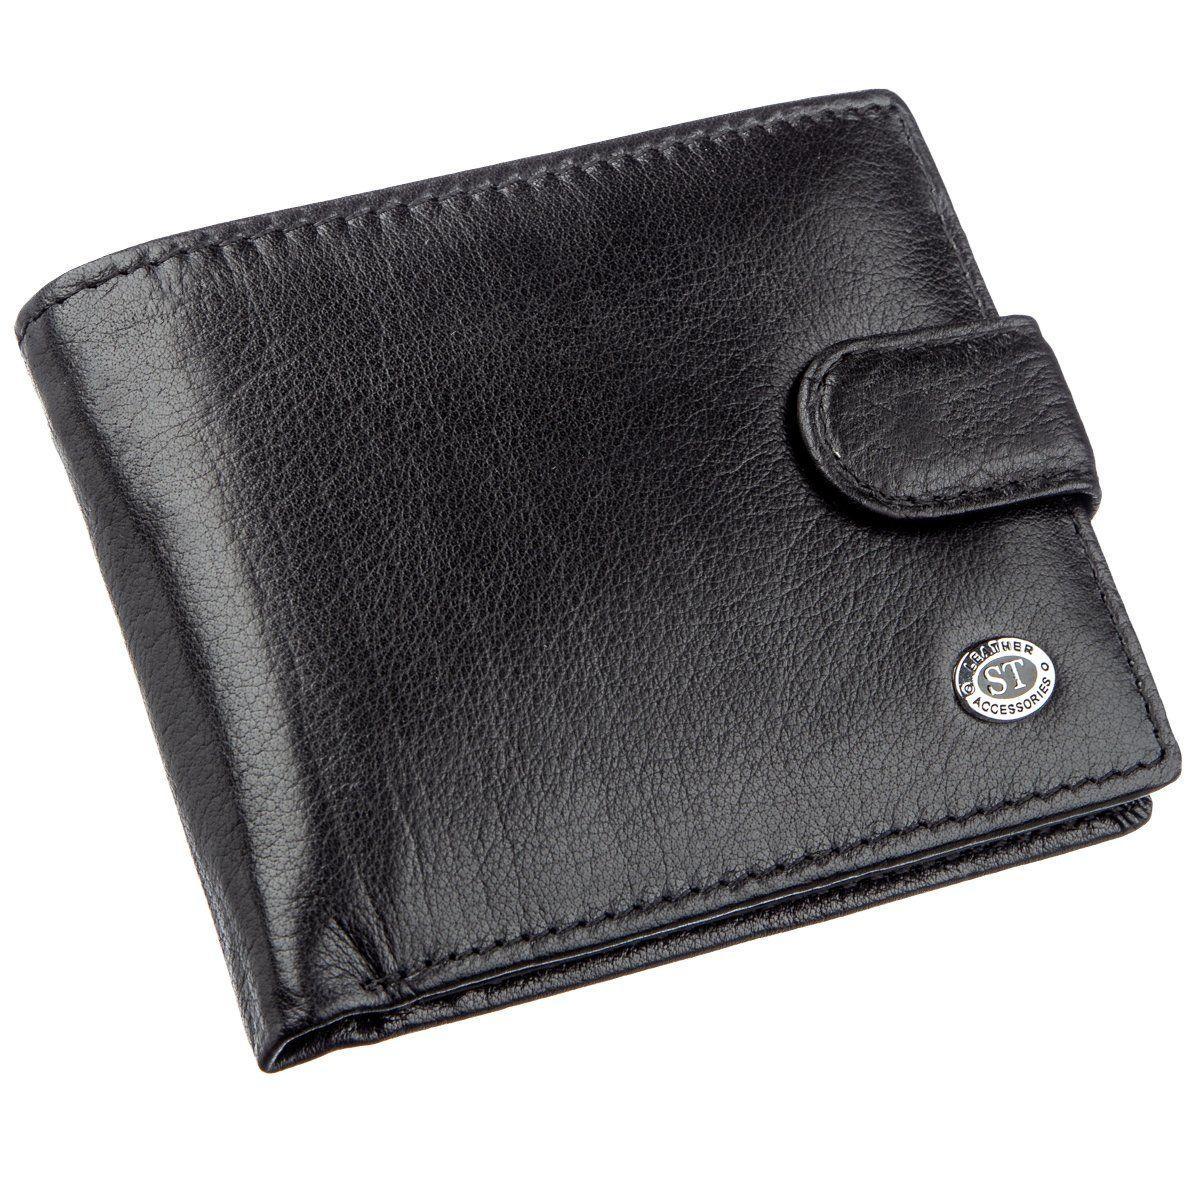 Портмоне для мужчин из натуральной кожи ST Leather 18835 Черный